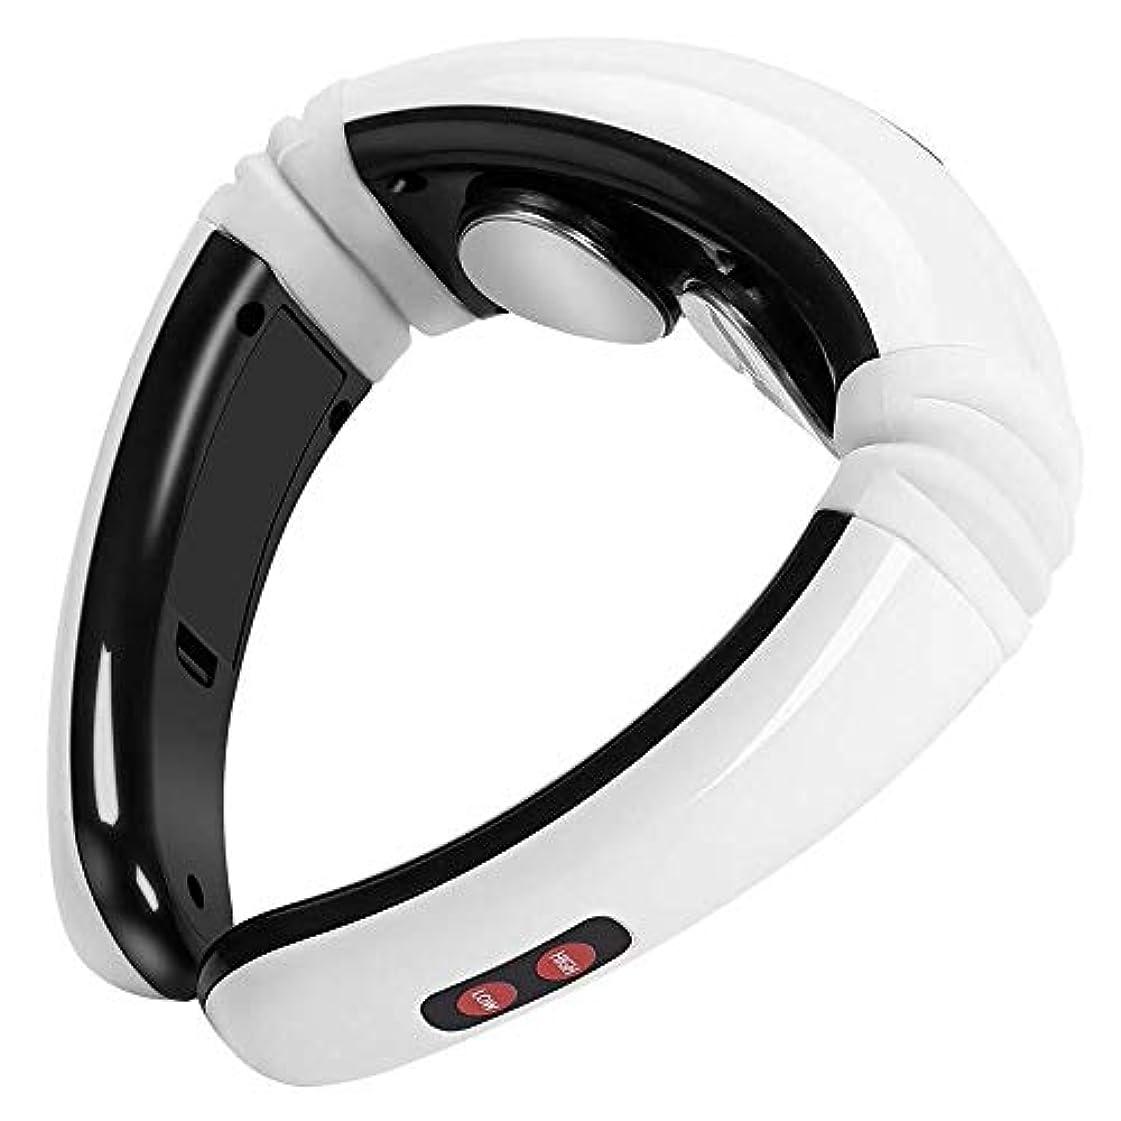 コーンアベニューに頼る磁気パルスネックマッサージャーは、インテリジェント頸椎マッサージャーは加熱機能3Dでカーオフィスホームのための技術の高周波数振動ポータブルデザインをフィッティング